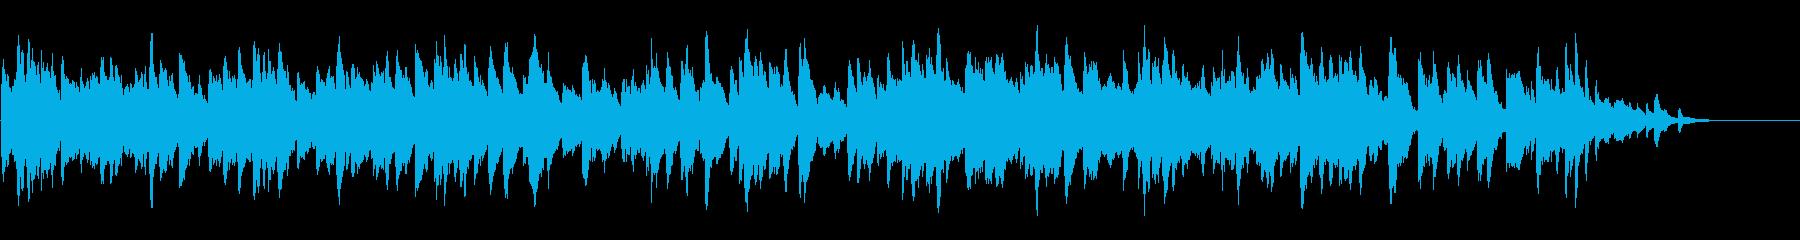 終わり来る残響のピアノの再生済みの波形